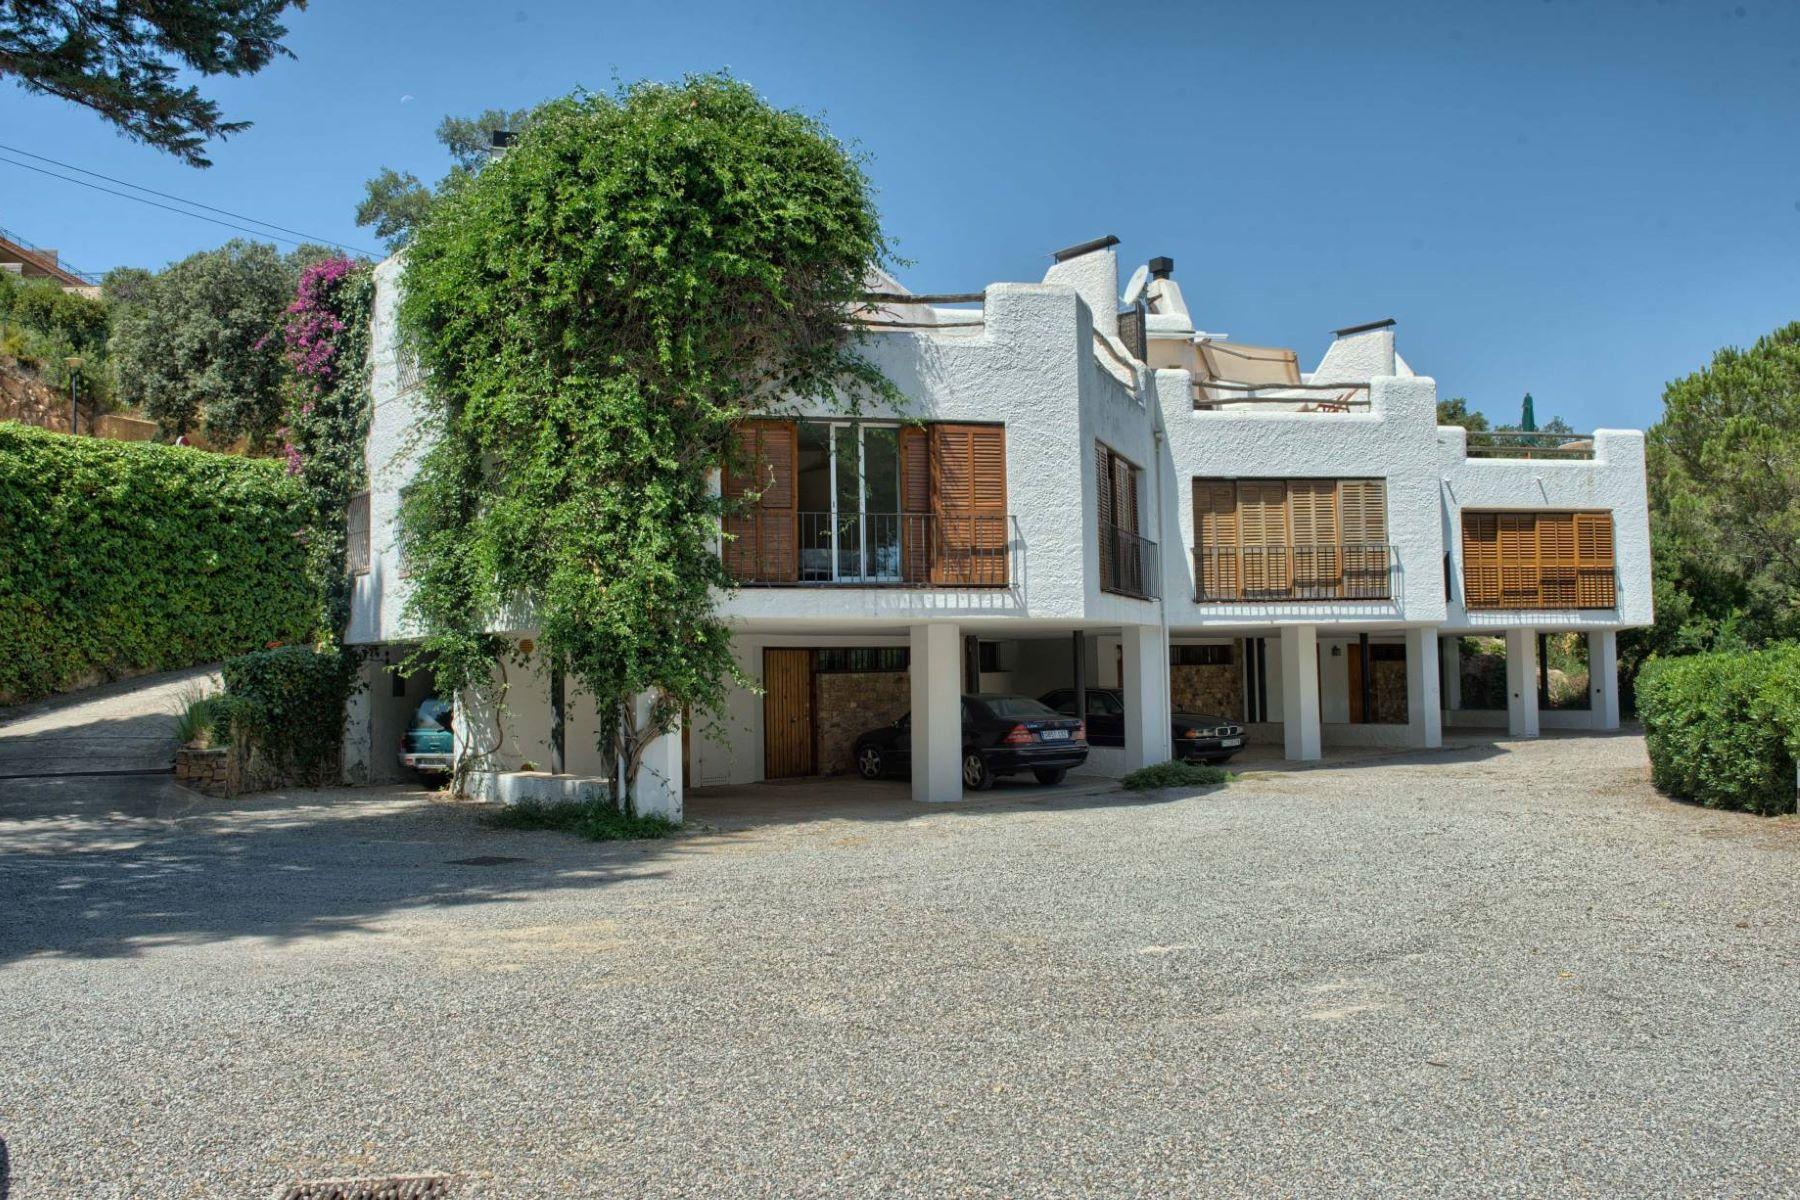 独户住宅 为 销售 在 Corner terraced house 100 steps from the sea in Aiguablava 贝吉尔, 科斯塔布拉瓦, 17255 西班牙